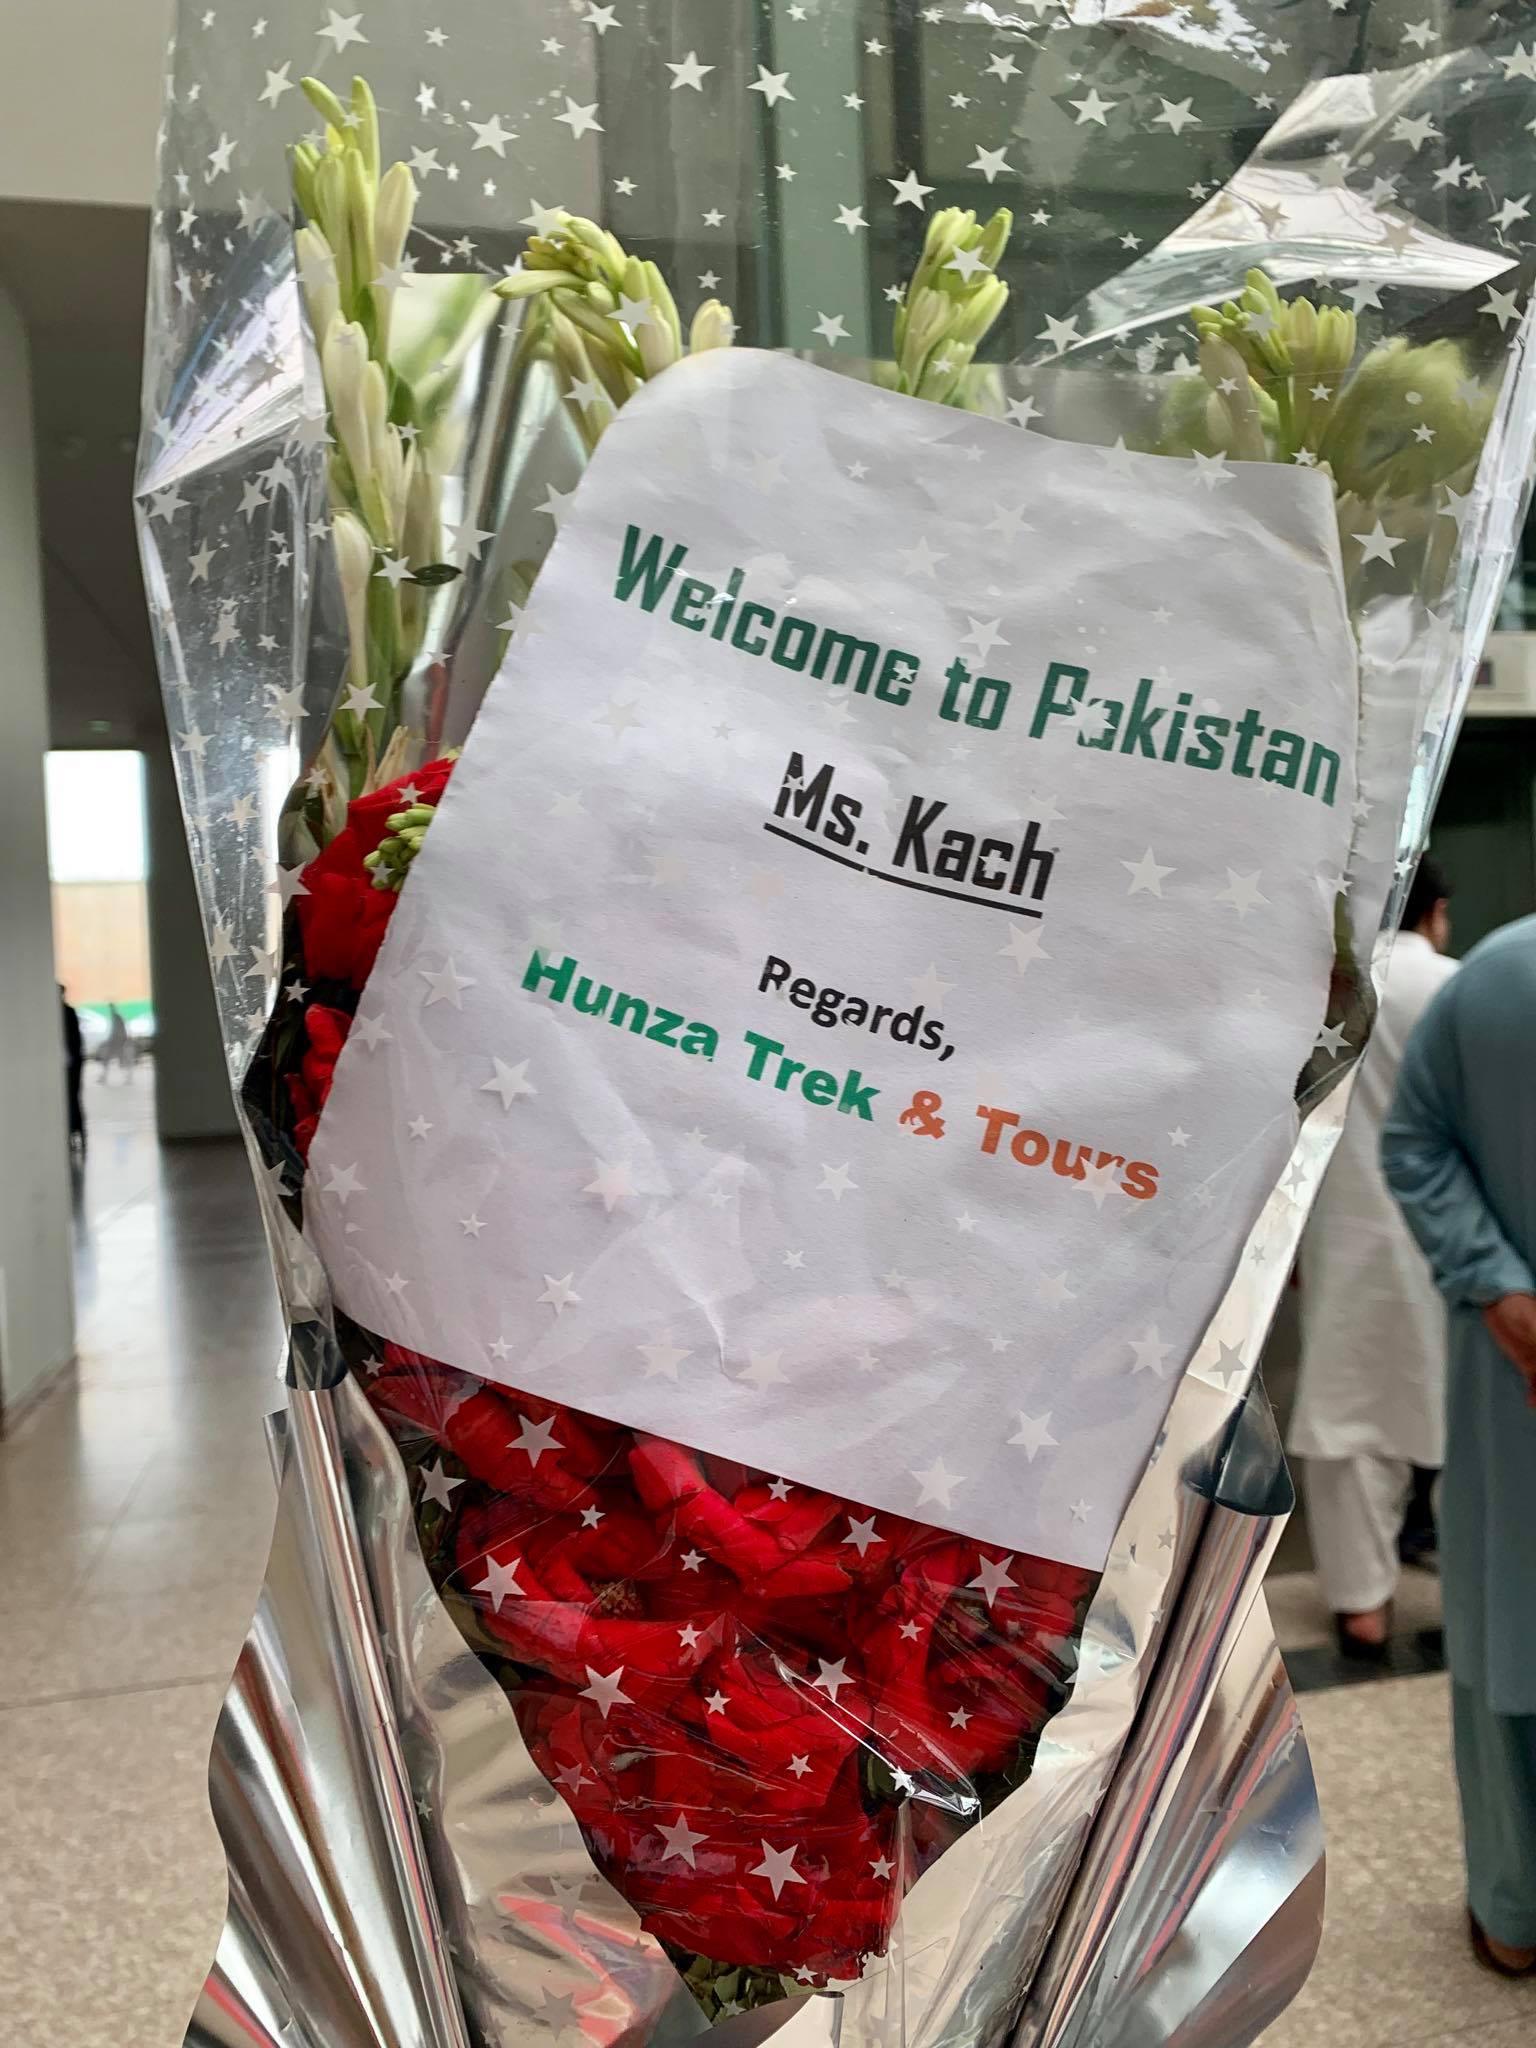 Kach Solo Travels in 2019 Hello from PAKISTAN7.jpg